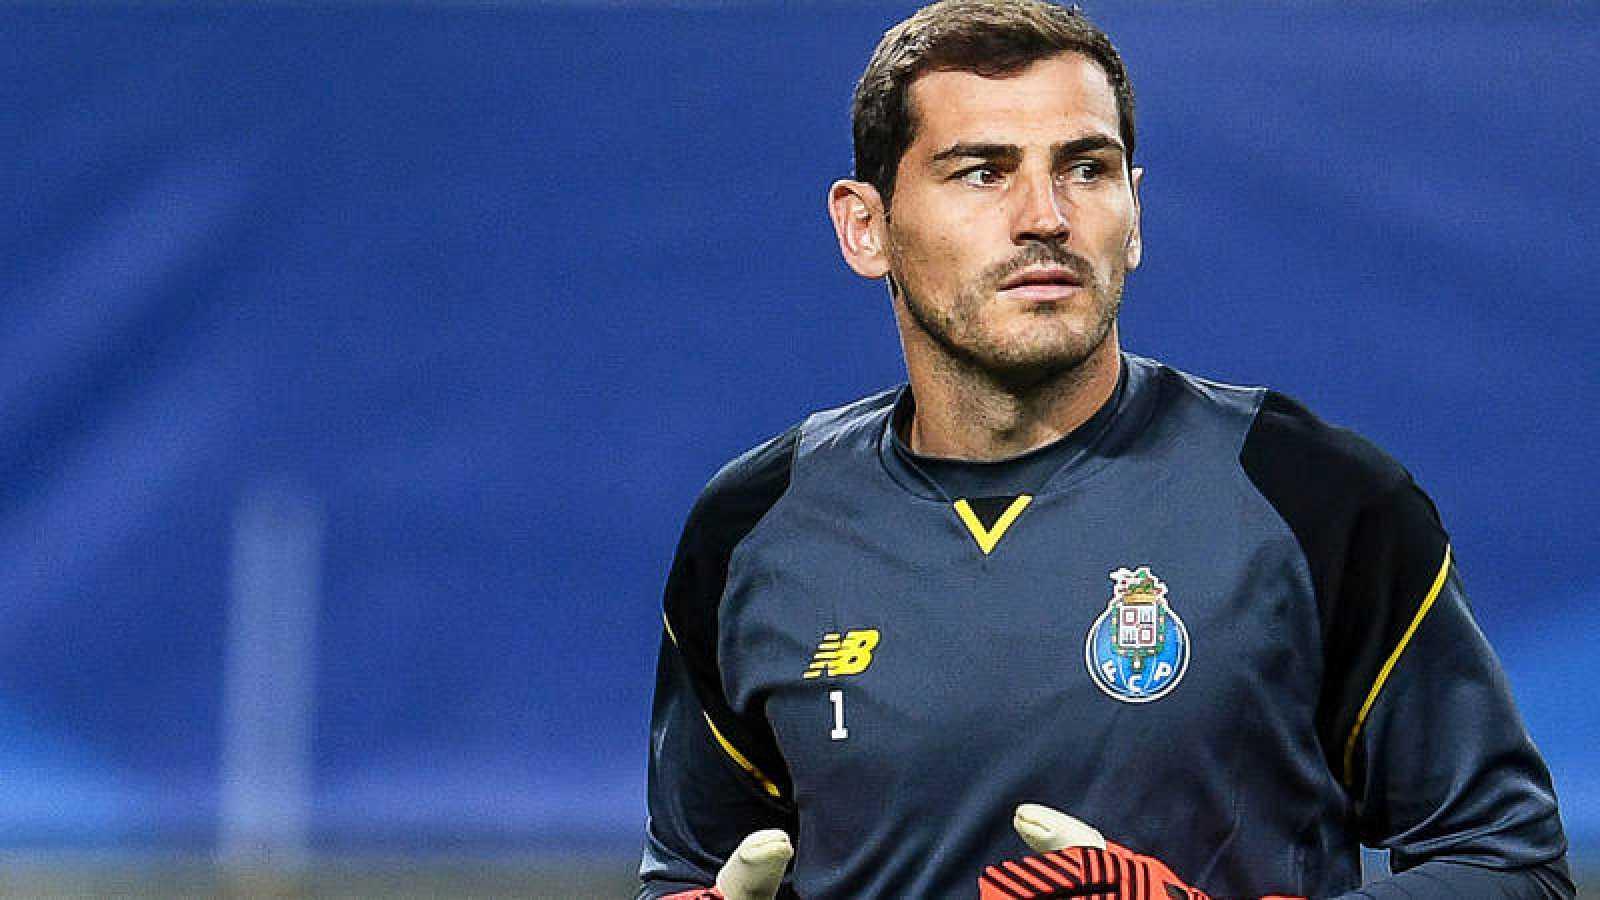 22 años de logros: Este es el legado de Iker Casillas en el futbol